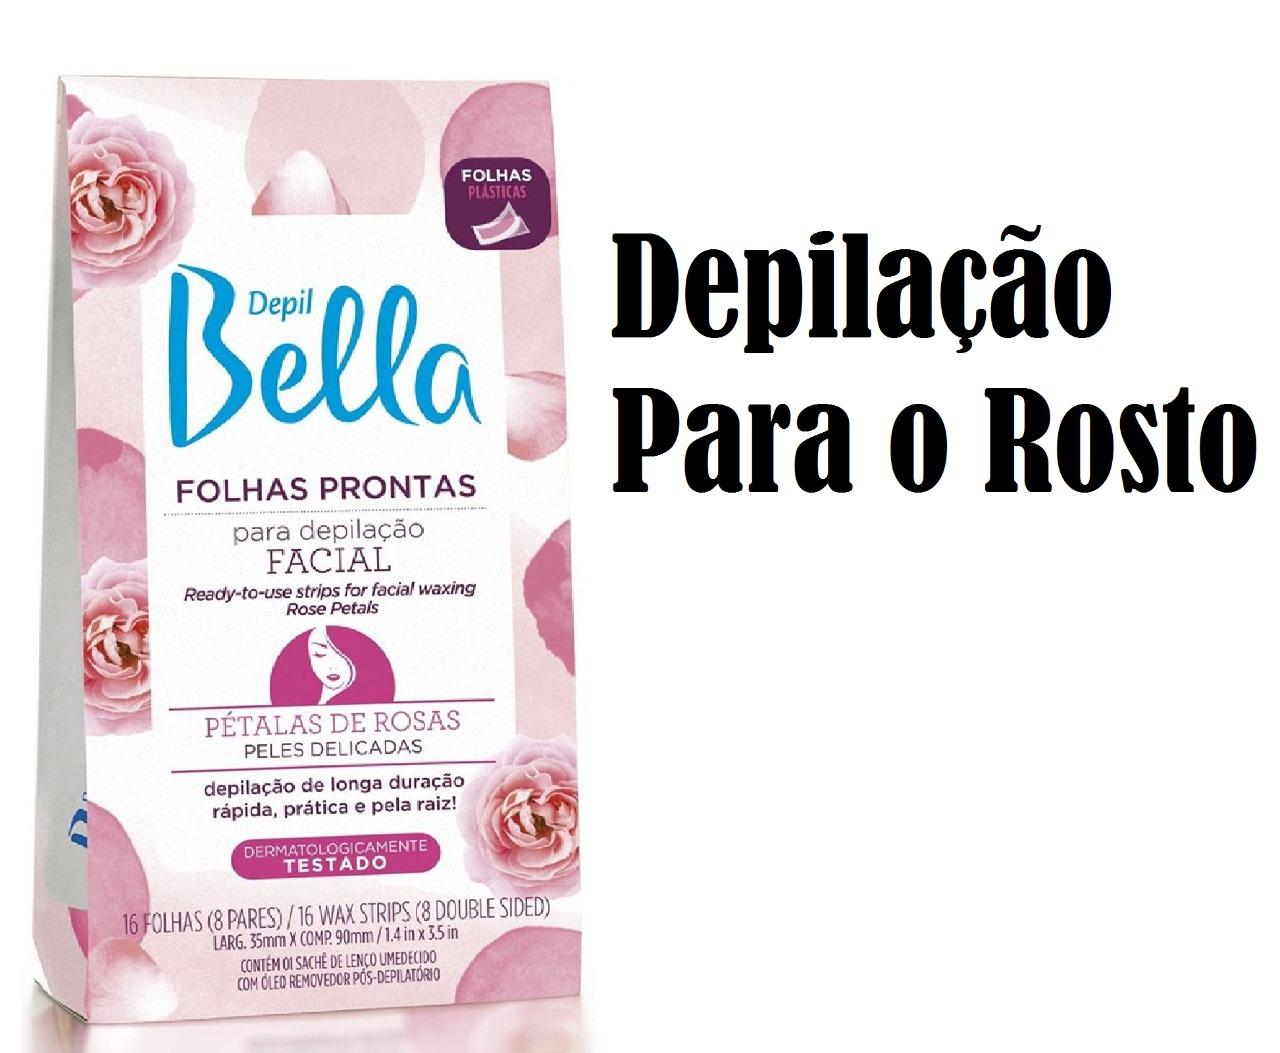 DEPIL BELLA FOLHA PRONTA PARA DEPILAÇÃO PÉTALAS DE ROSAS 16 FOLHAS (FACIAL/CORPORAL)